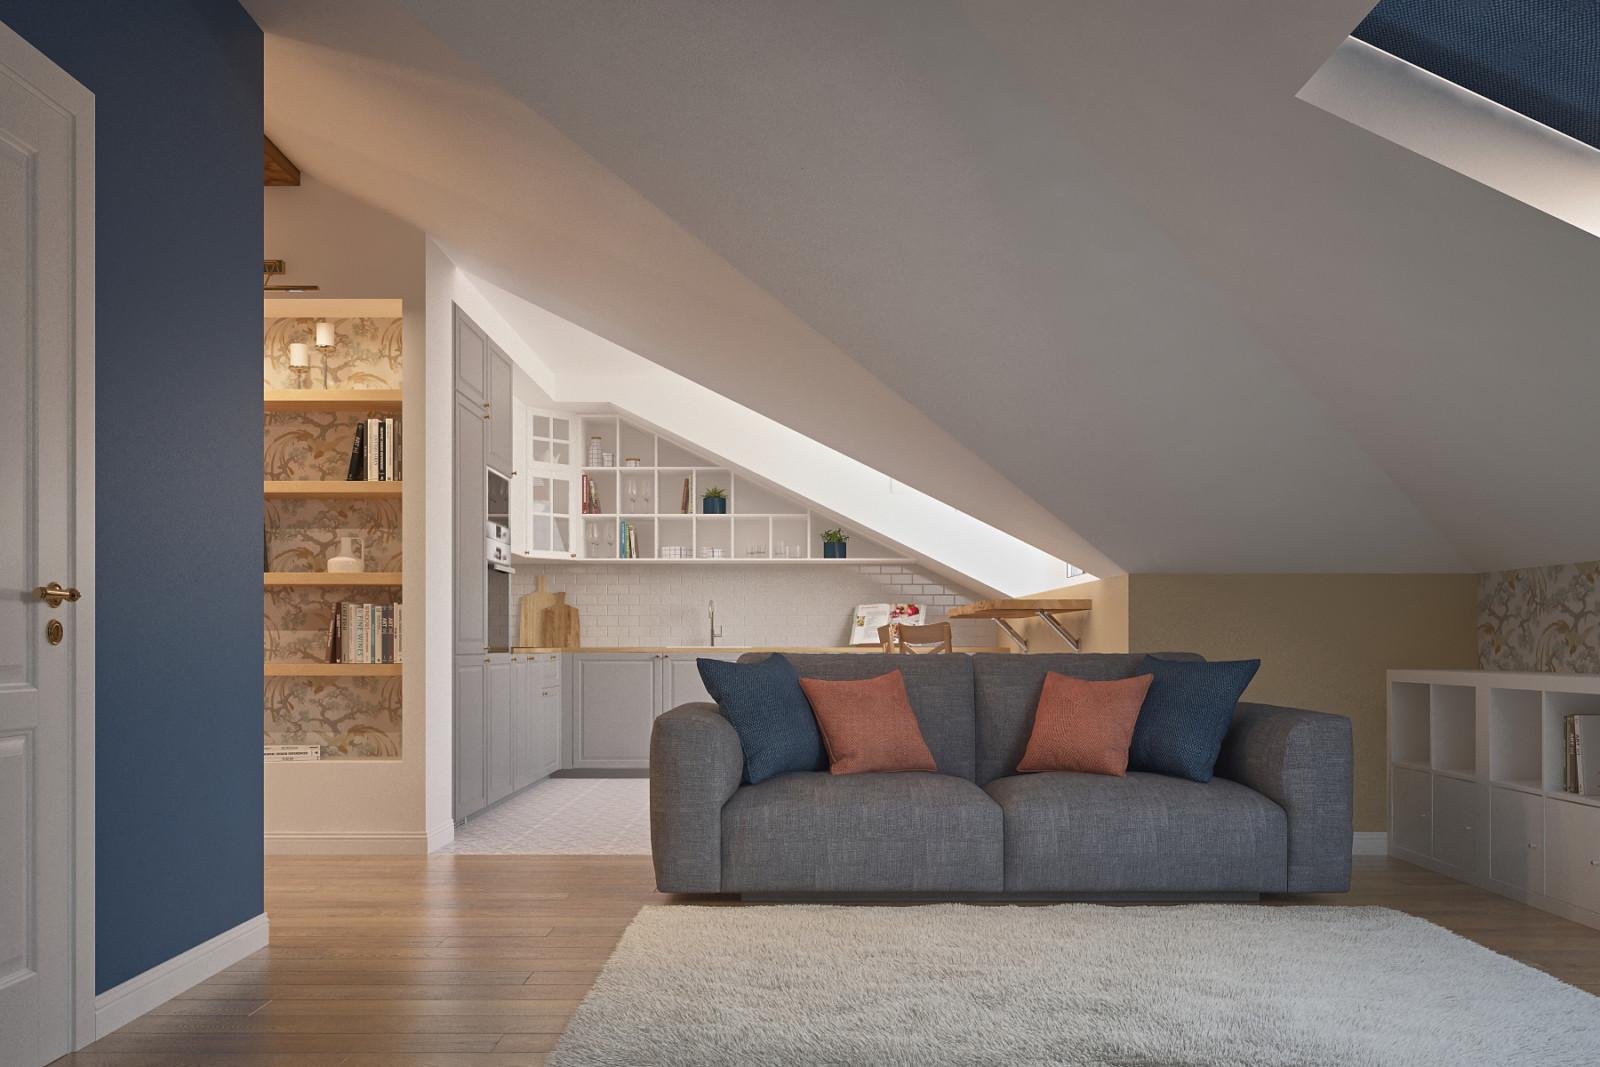 как посчитать площадь комнаты со скошенным потолком